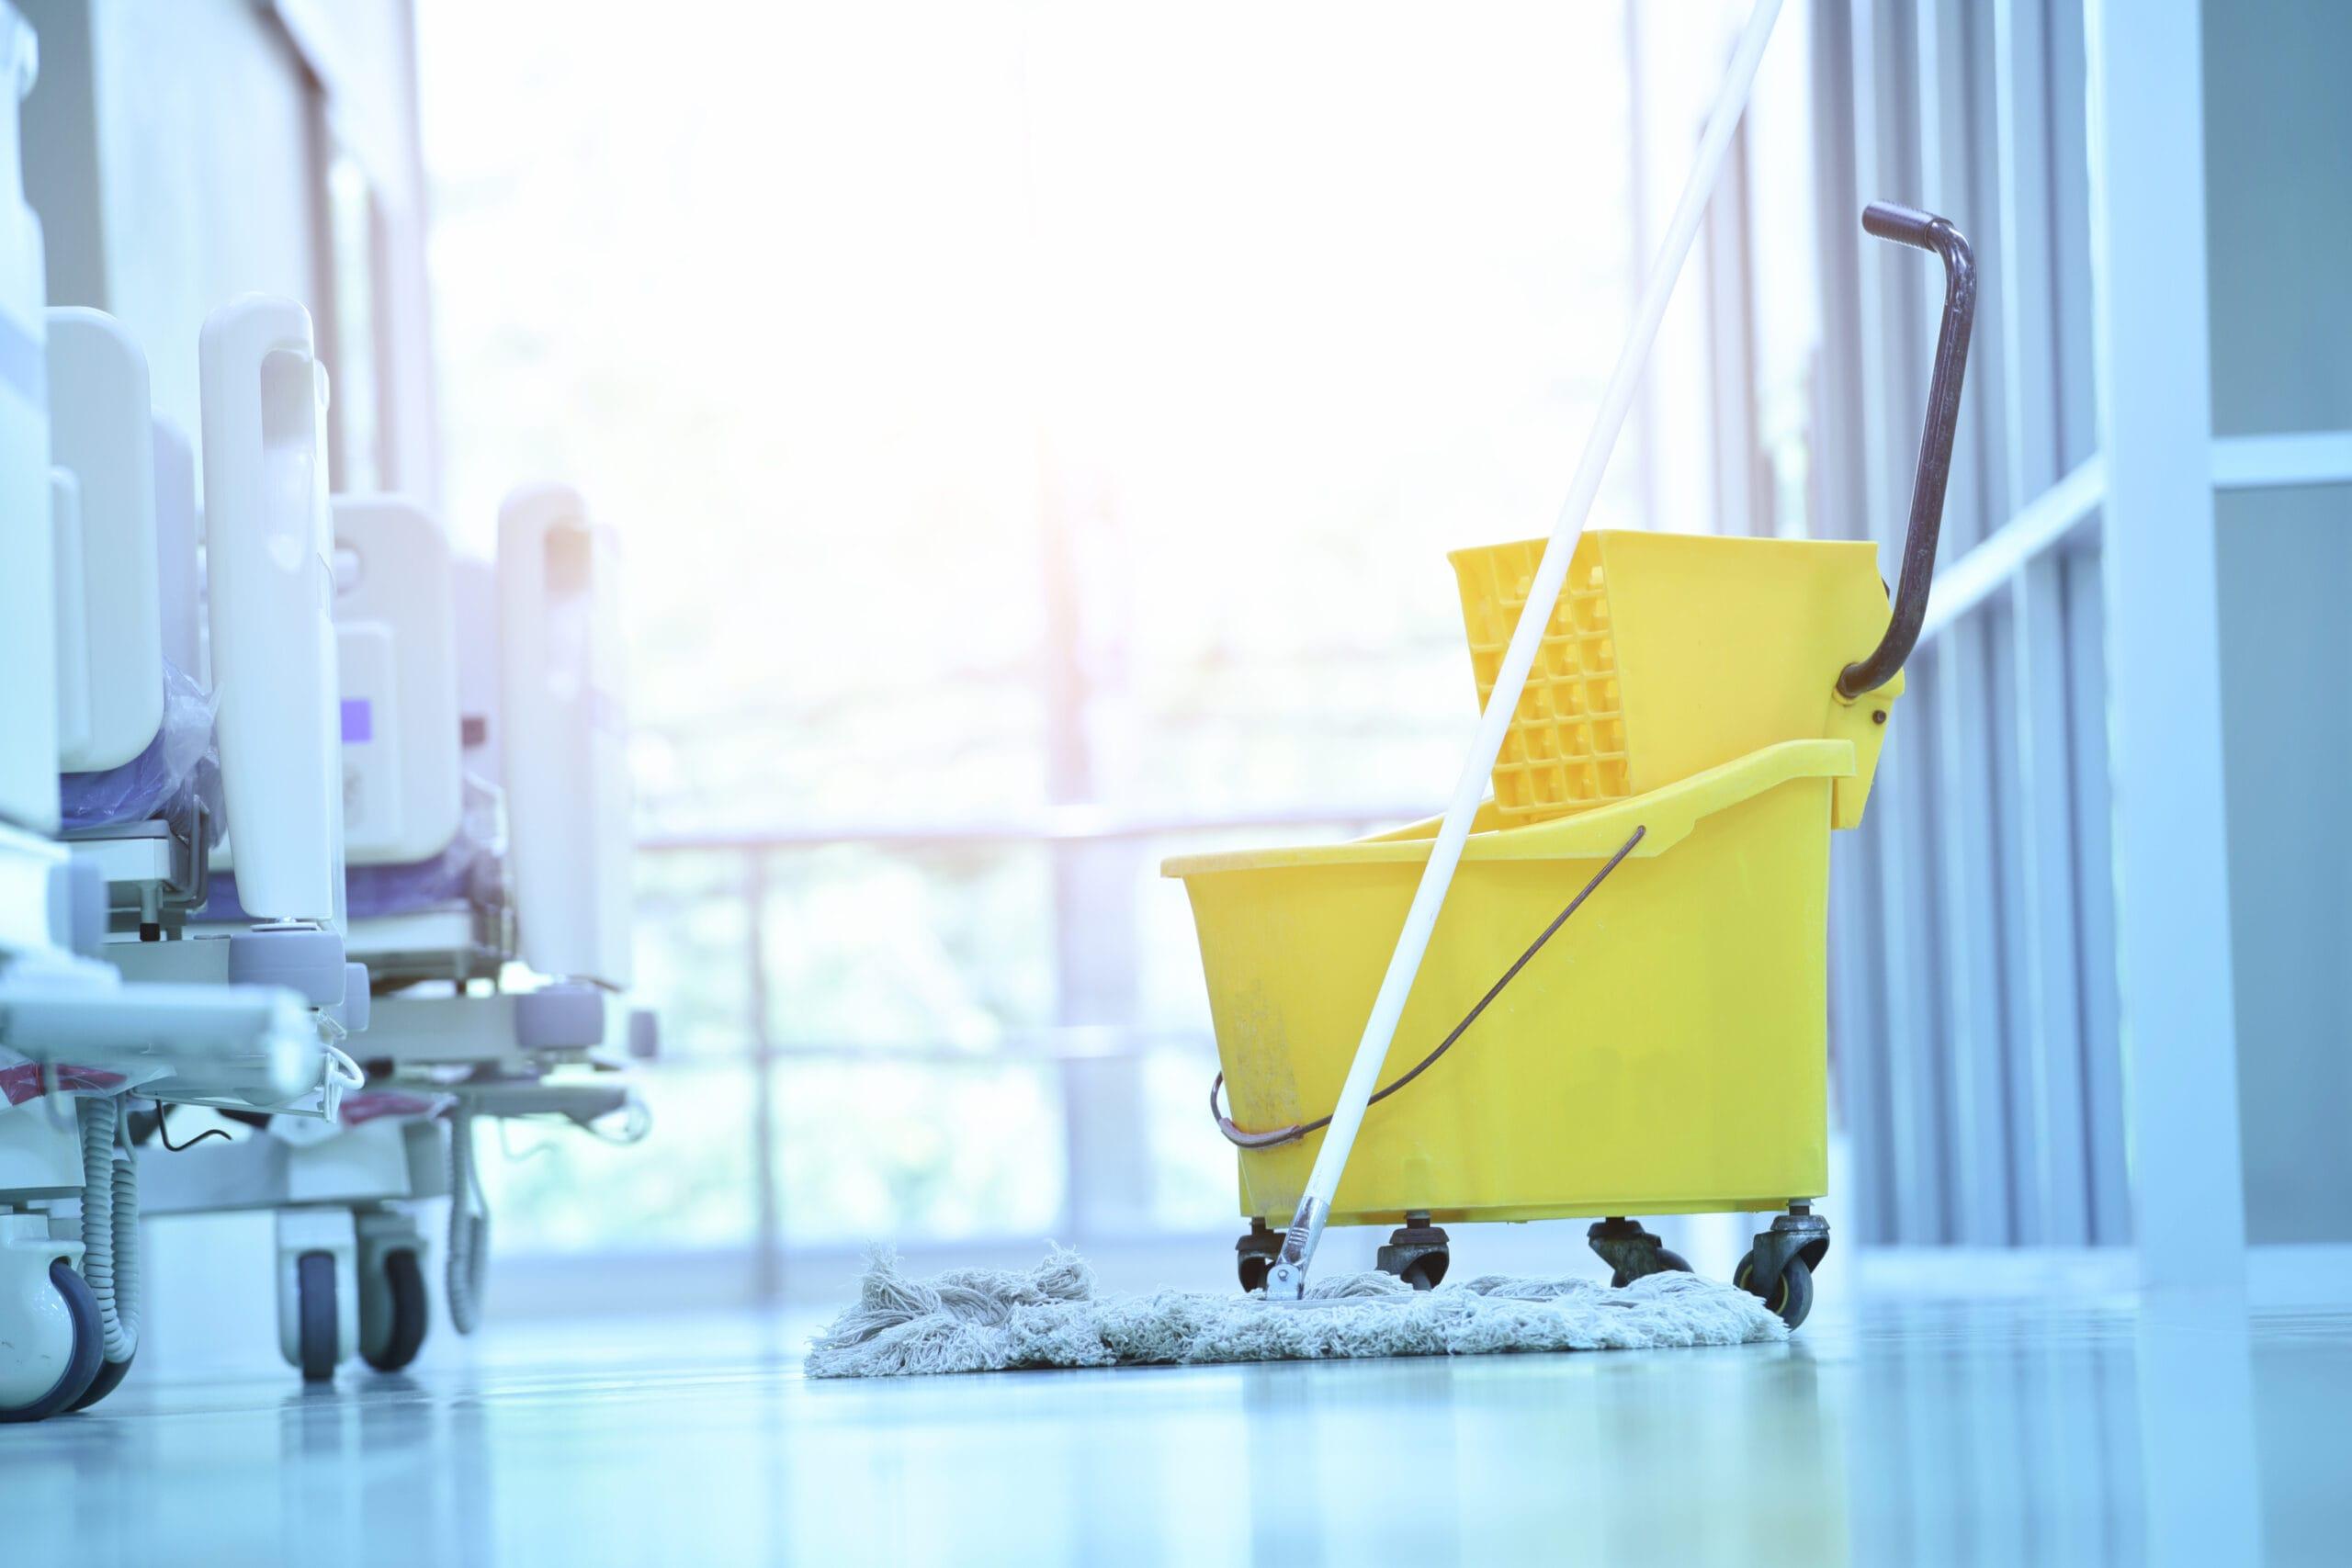 Rechtsexperte: Kunden und Arbeitgeber werden Impfungen verlangen